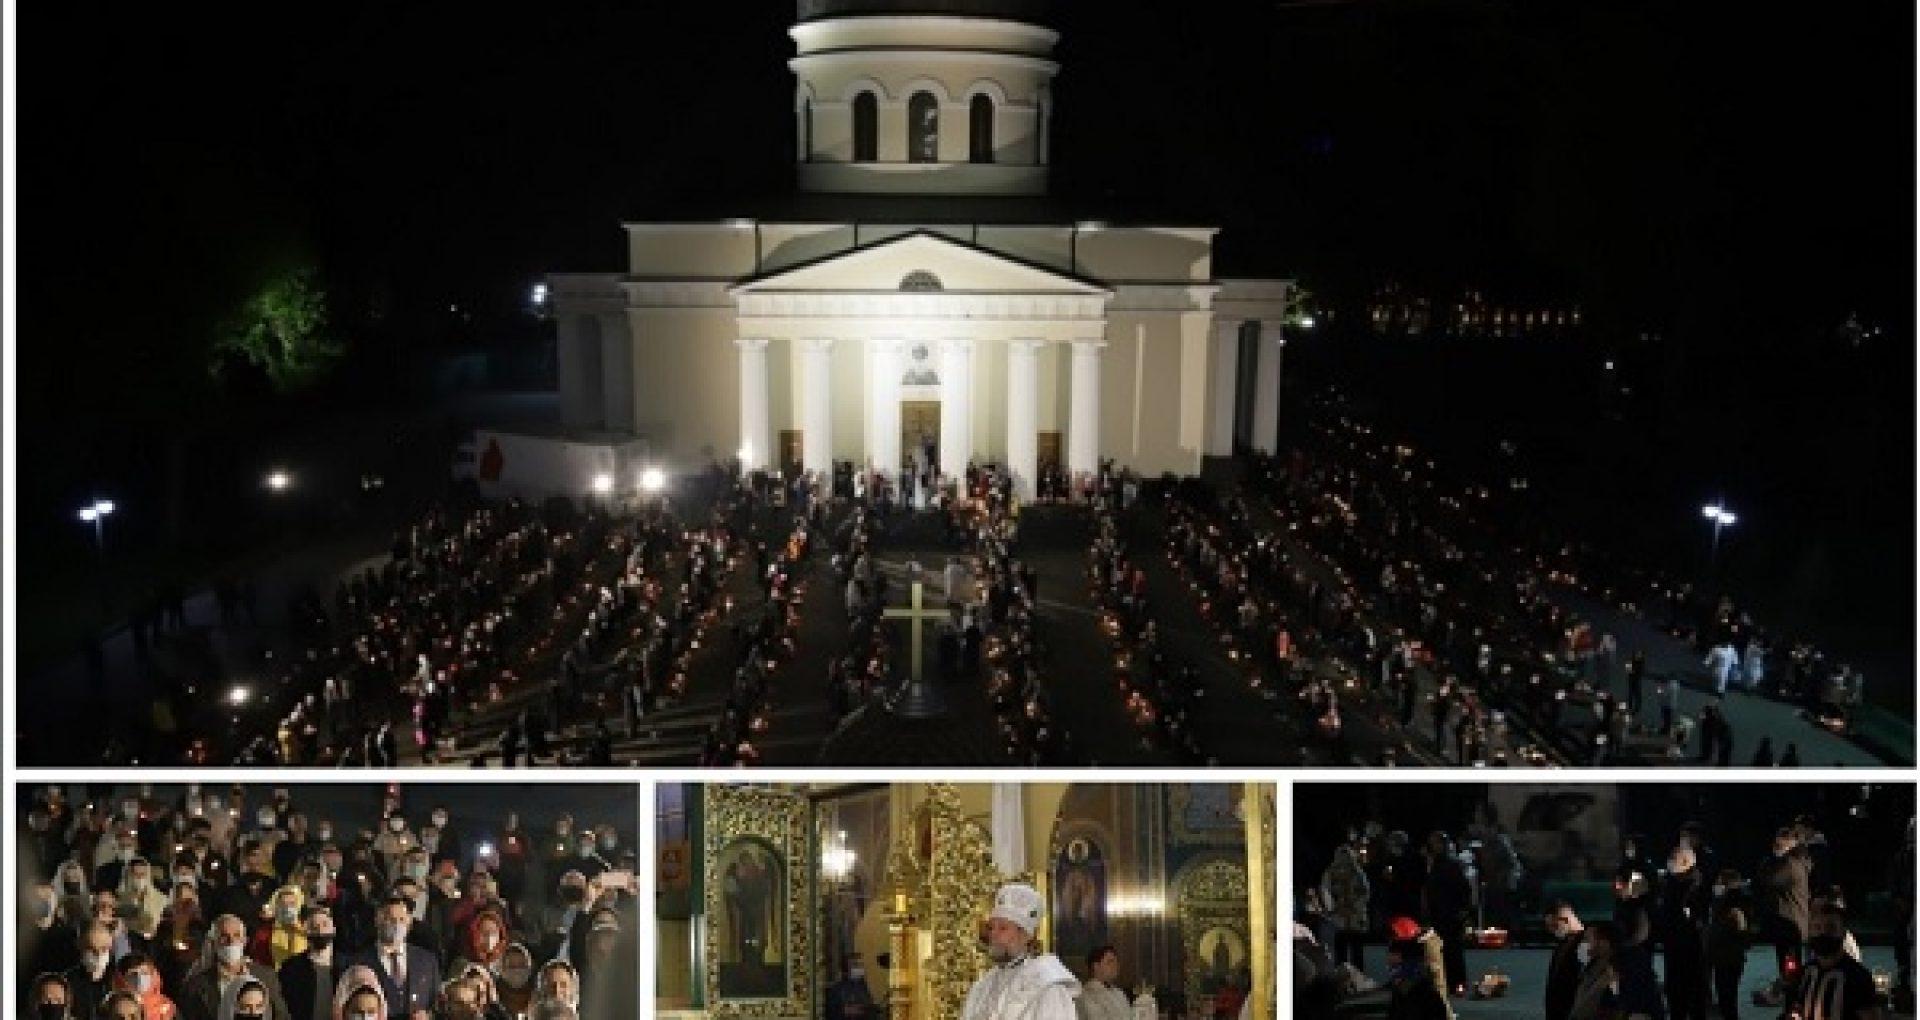 GALERIE FOTO/ Cum s-a desfășurat Slujba de Înviere la Catedrala Mitropolitană și cum au fost sfințite bucatele, în al doilea Paști în pandemie